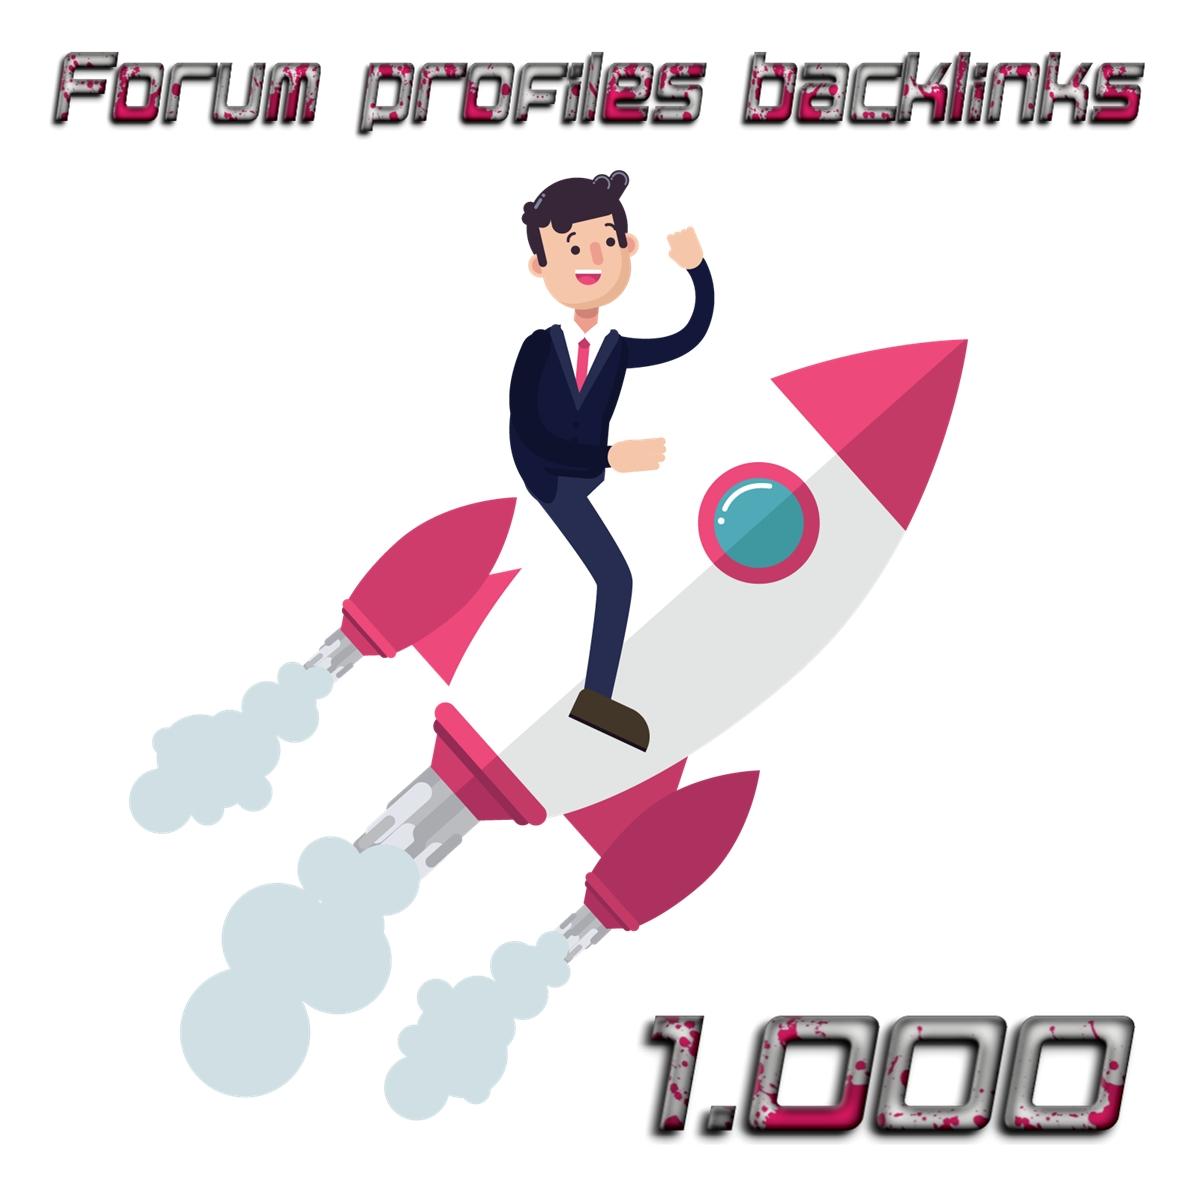 1.000 Forum profiles backlinks HIGH QUALITY